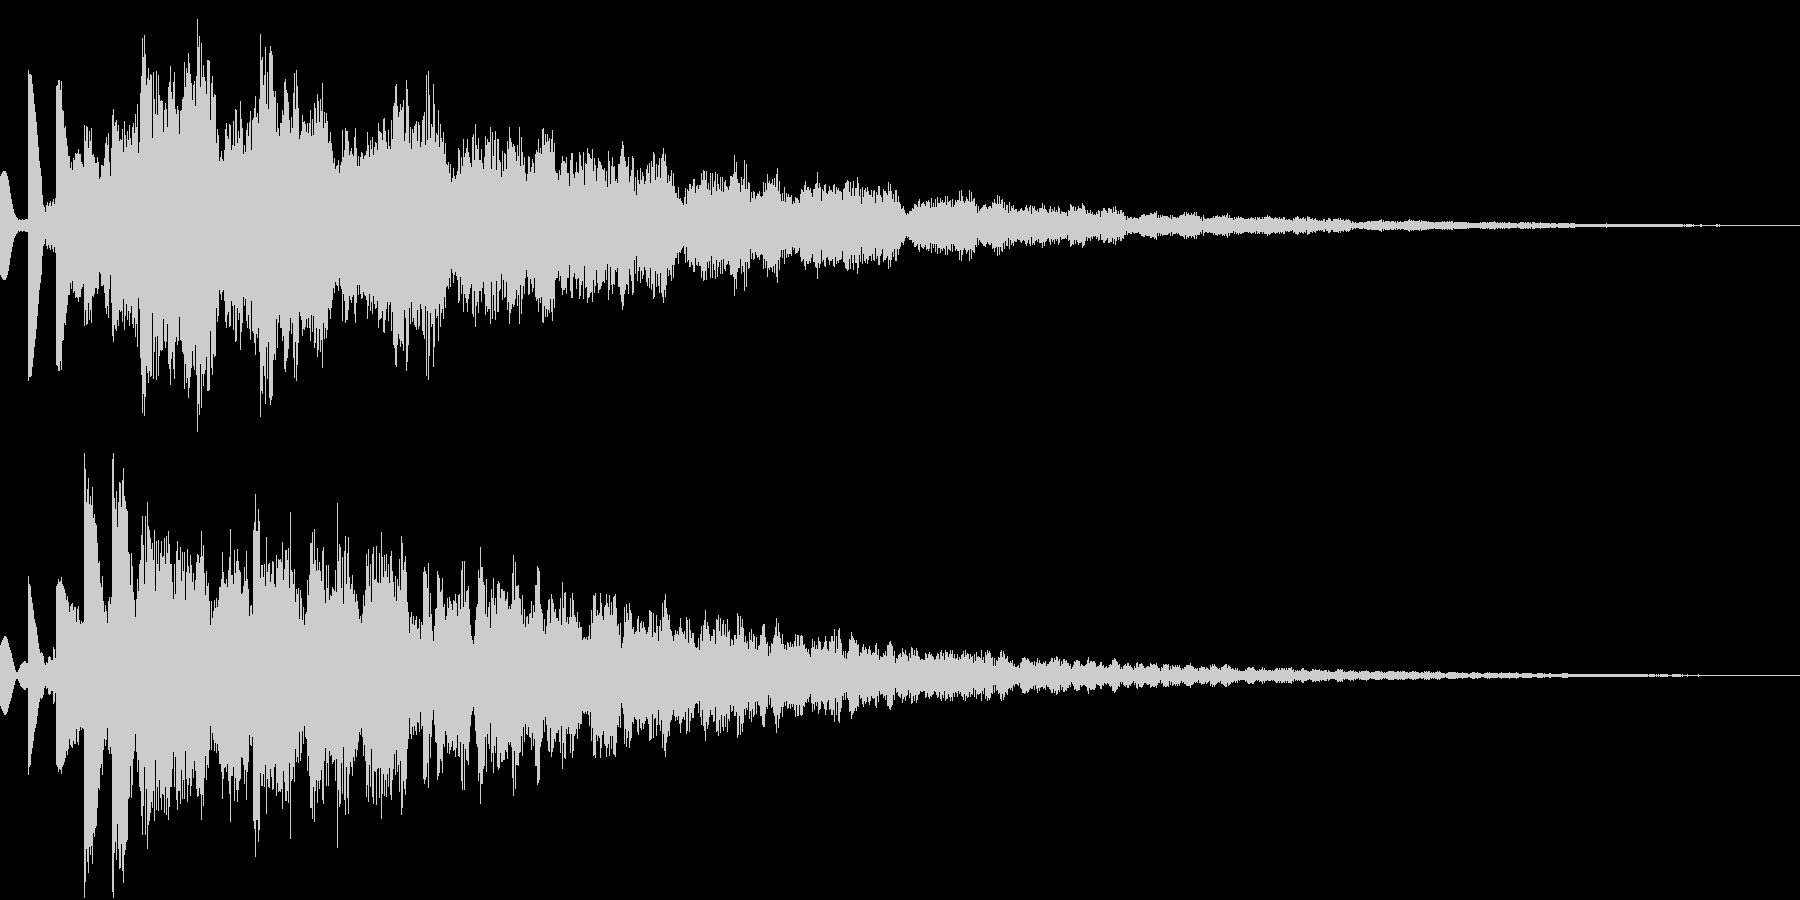 コスミックなSF向けピポパポ音(エコー)の未再生の波形